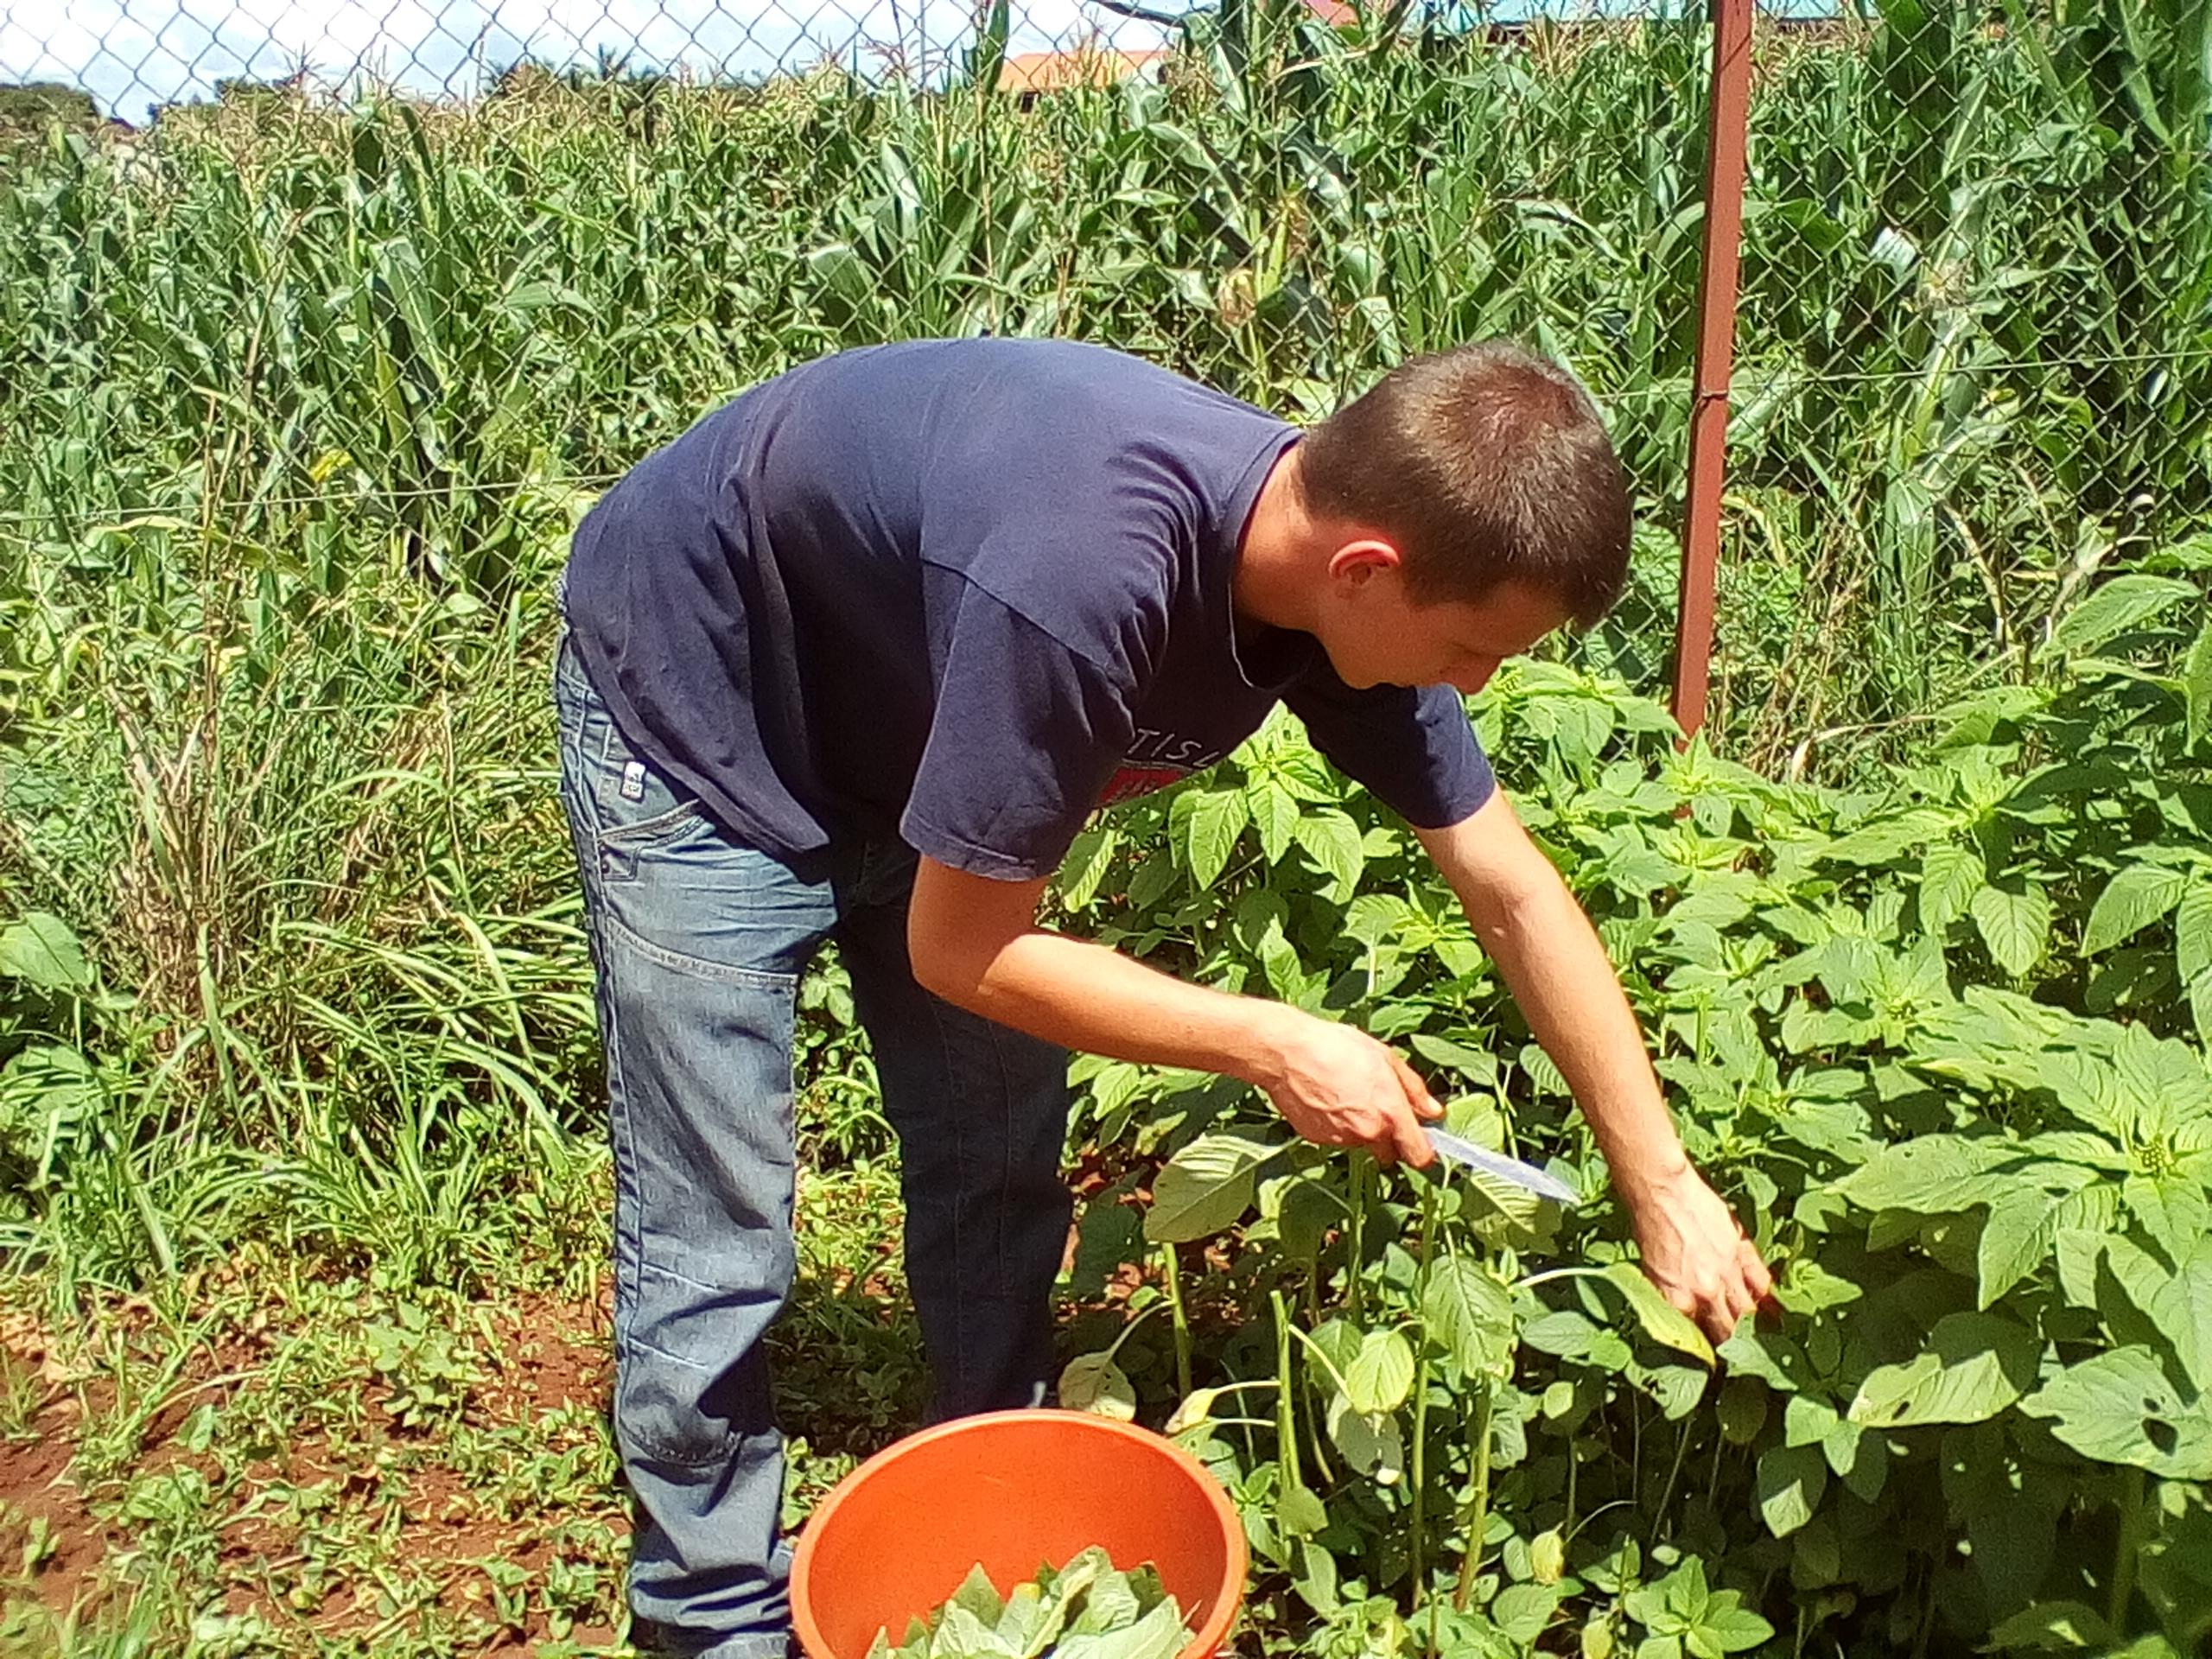 Der ehemalige Freiwillige Wieland bei der Arbeit am Gartenprojekt.